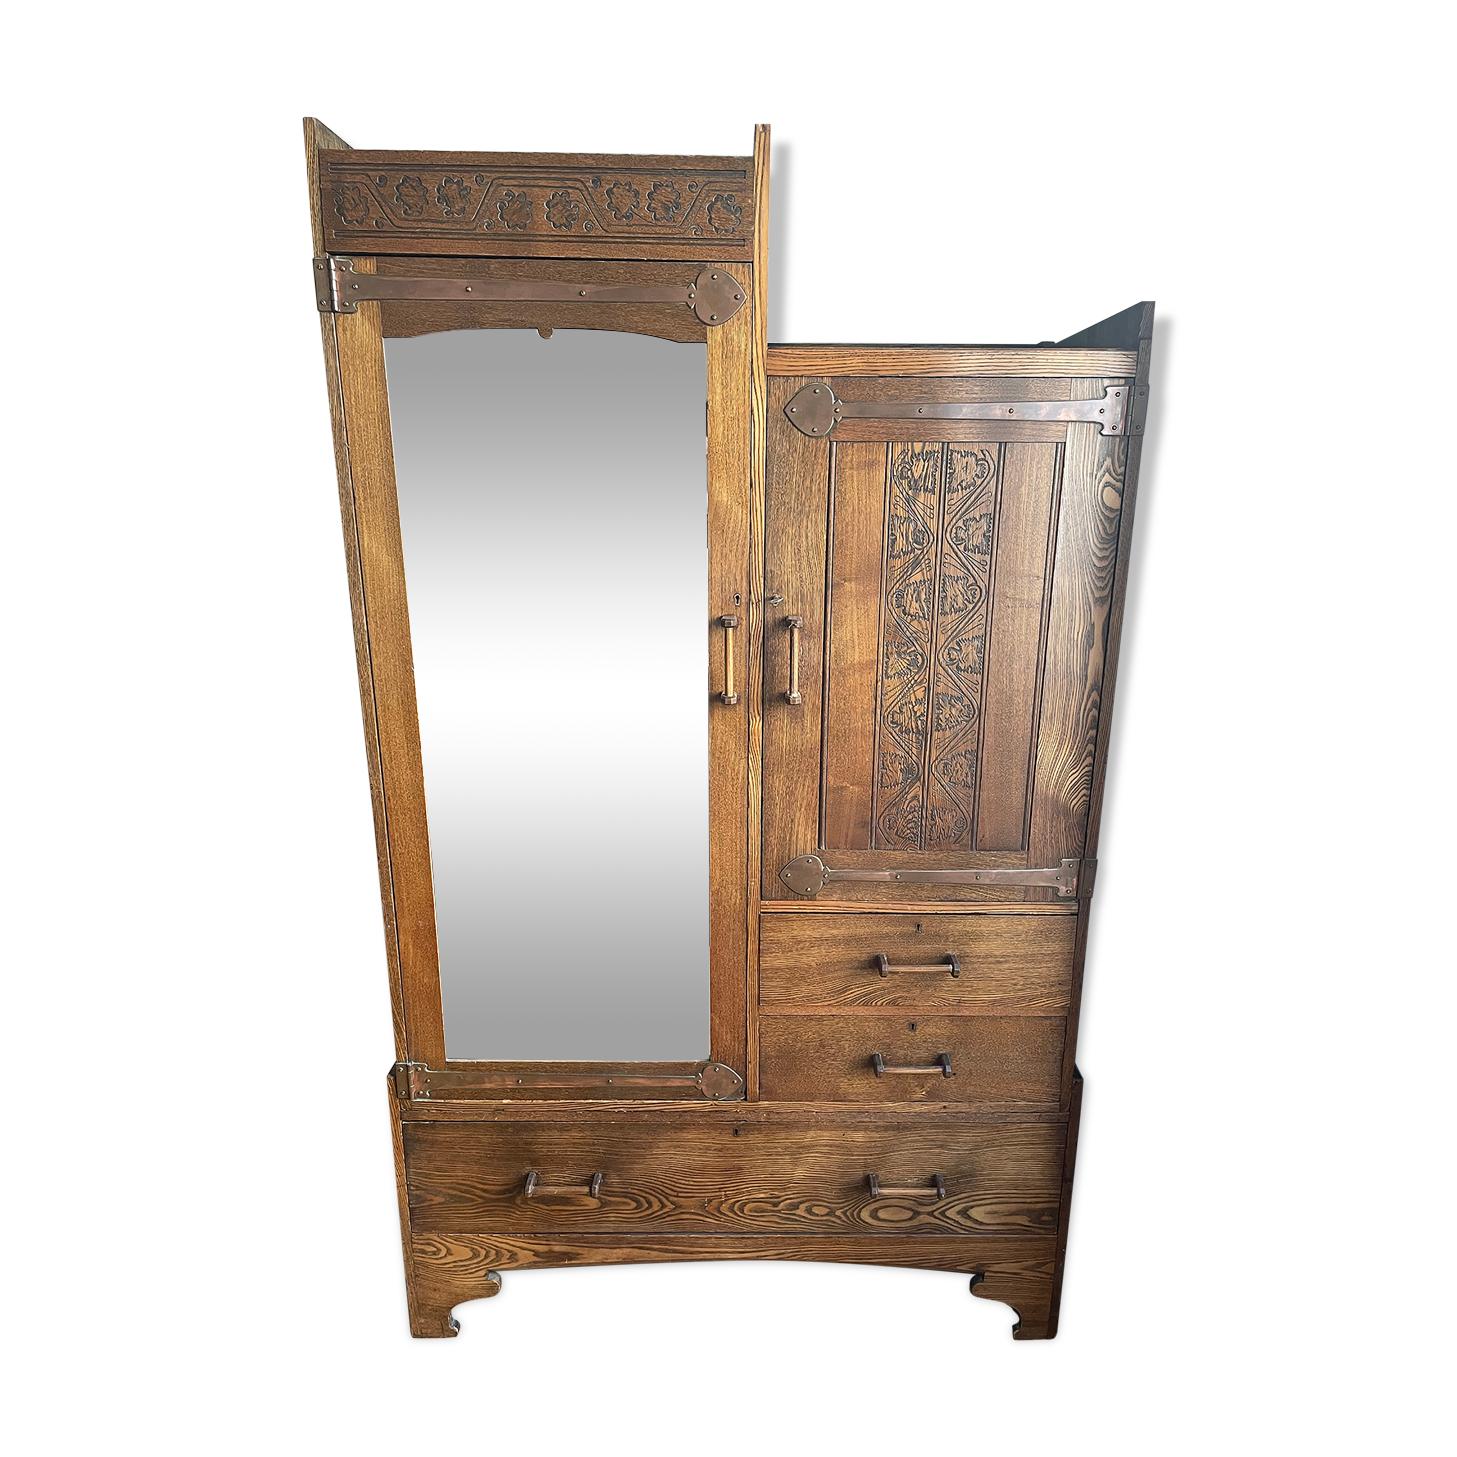 Armoire Art and Crafts / Art Nouveau